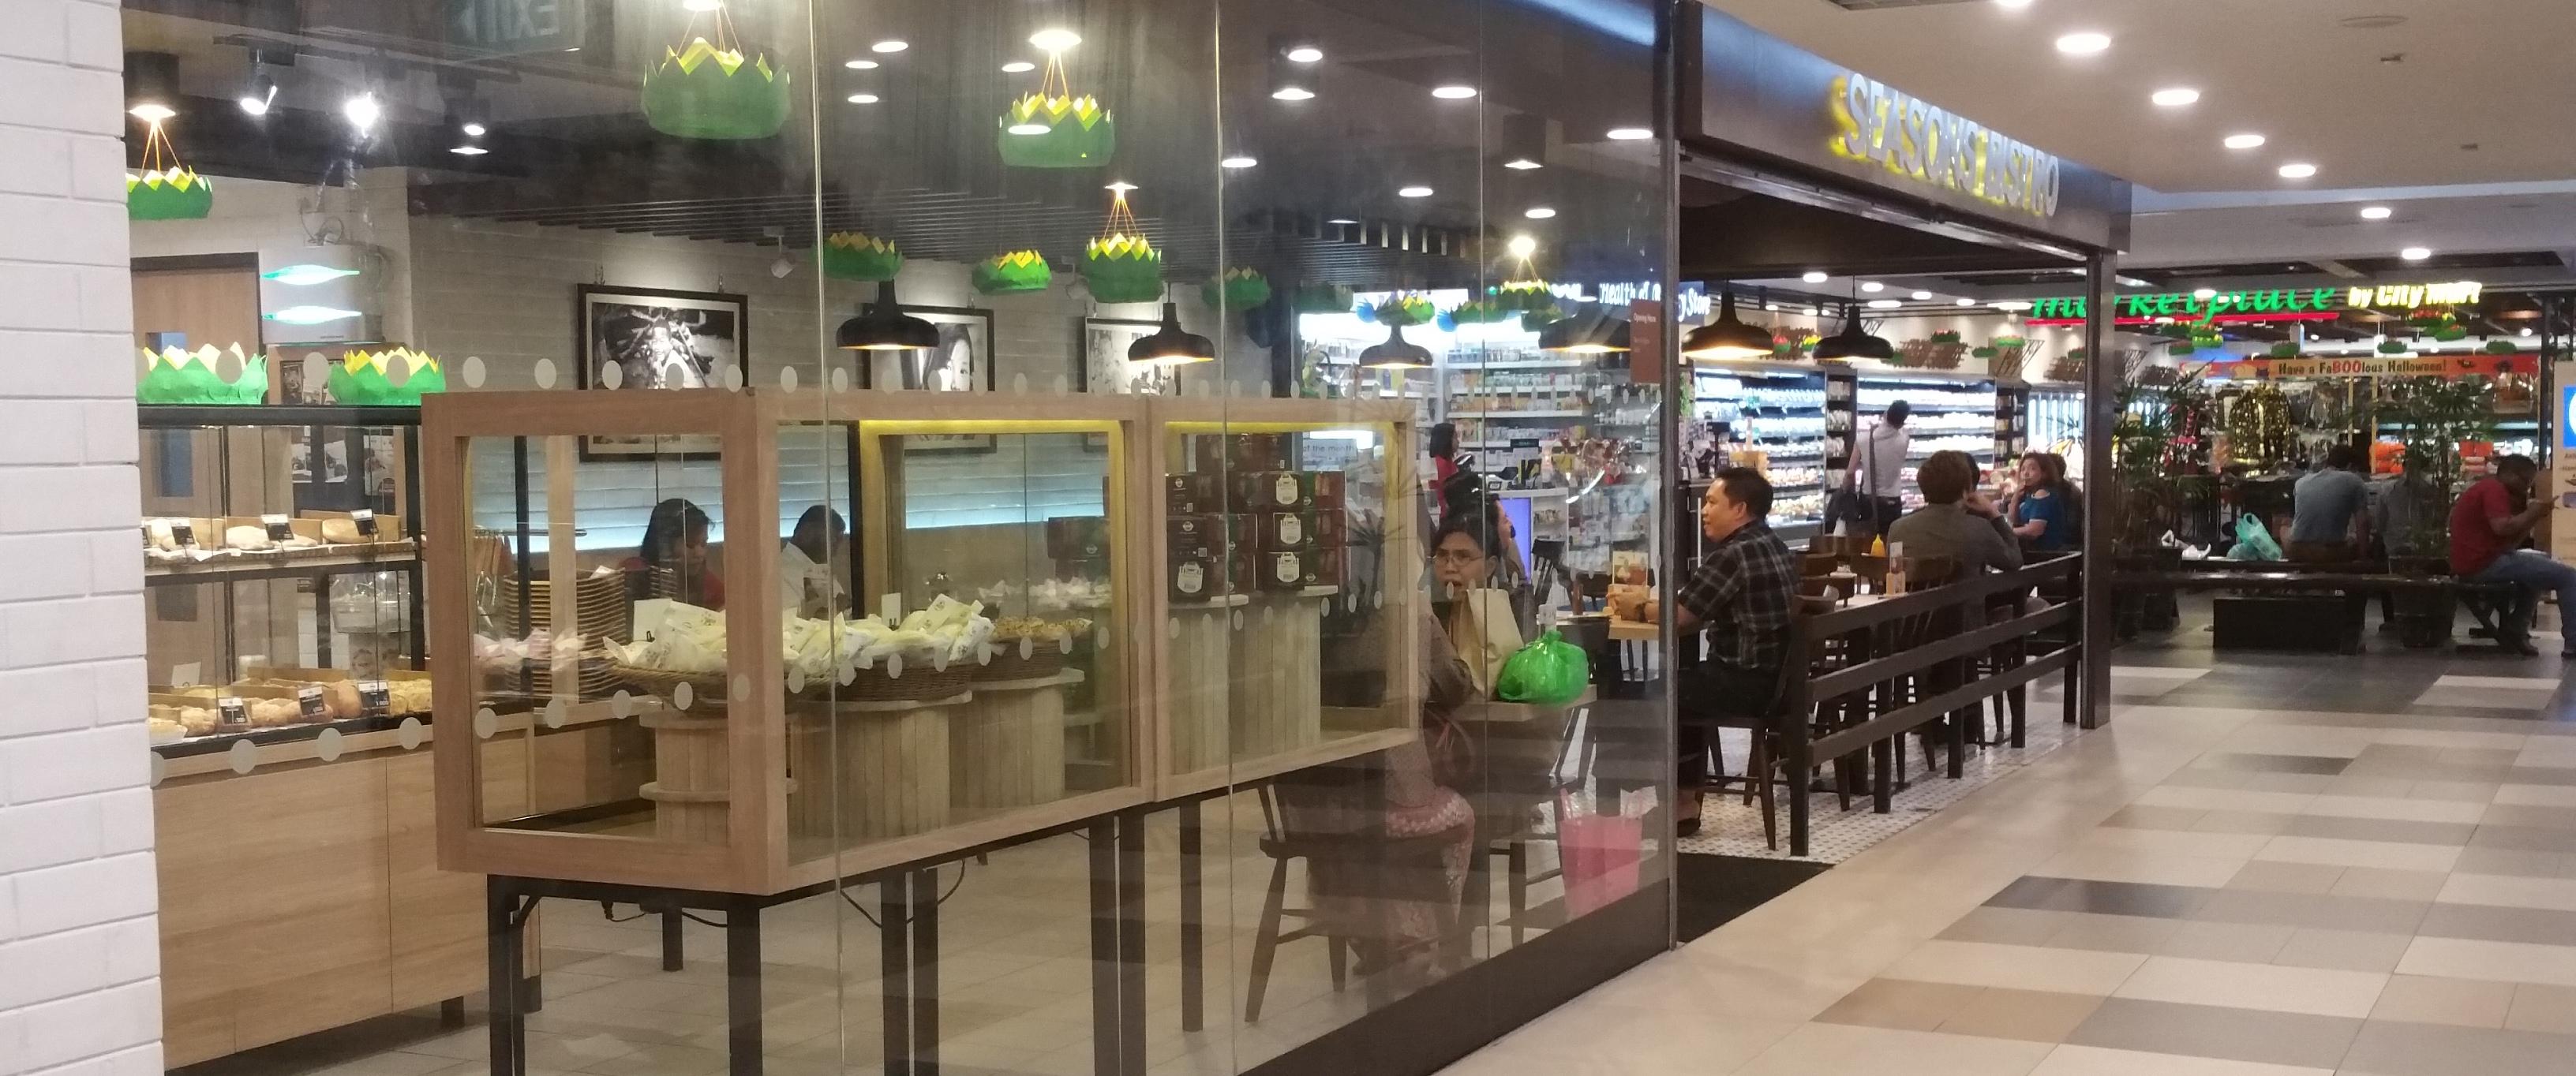 CAFE AMAZONの隣のカフェ